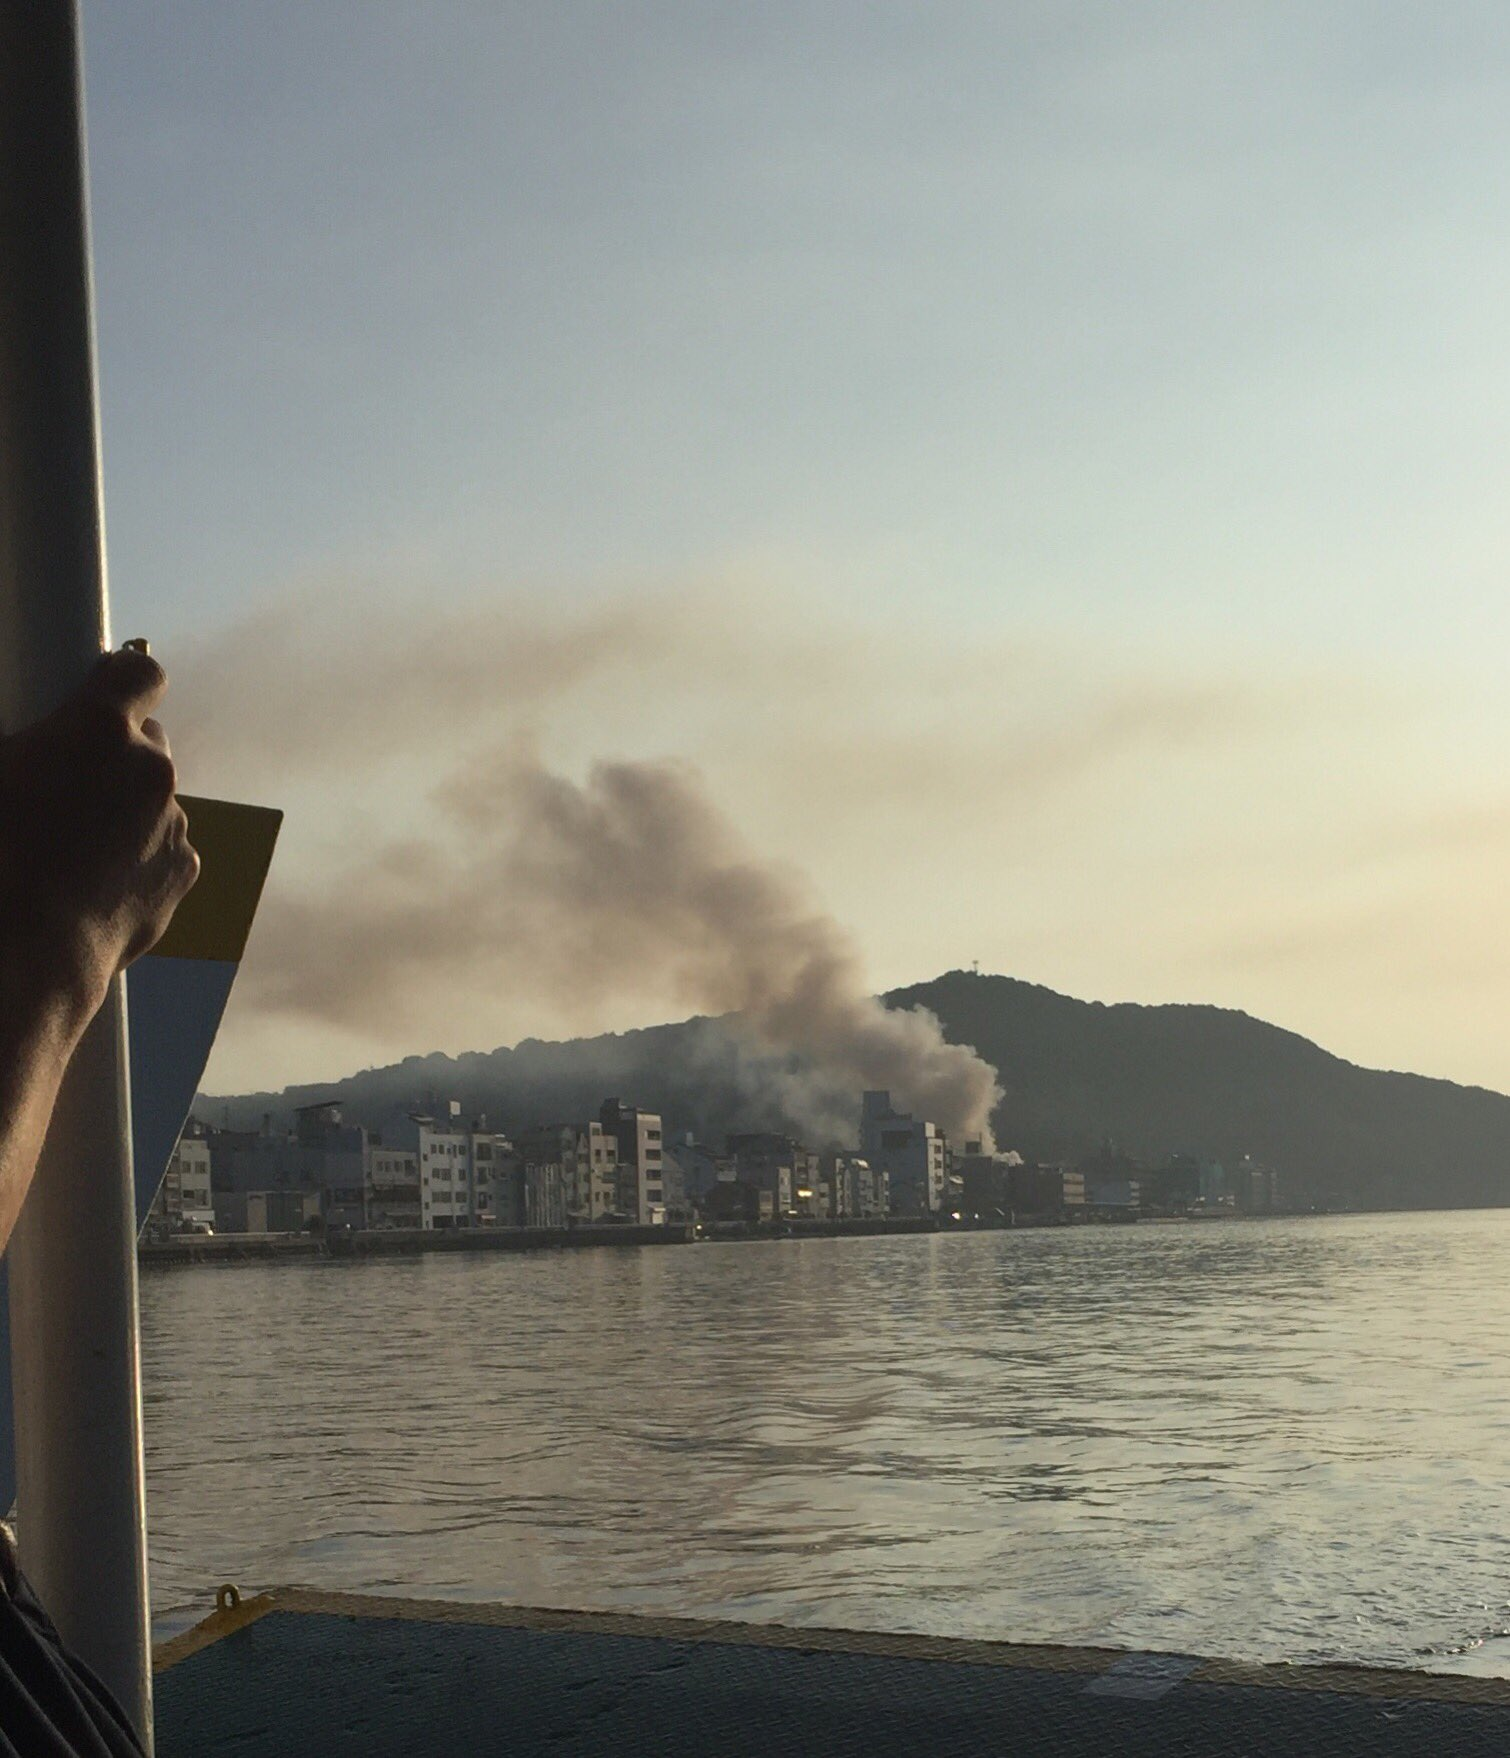 尾道市久保で火事が起き黒煙が上がっている画像